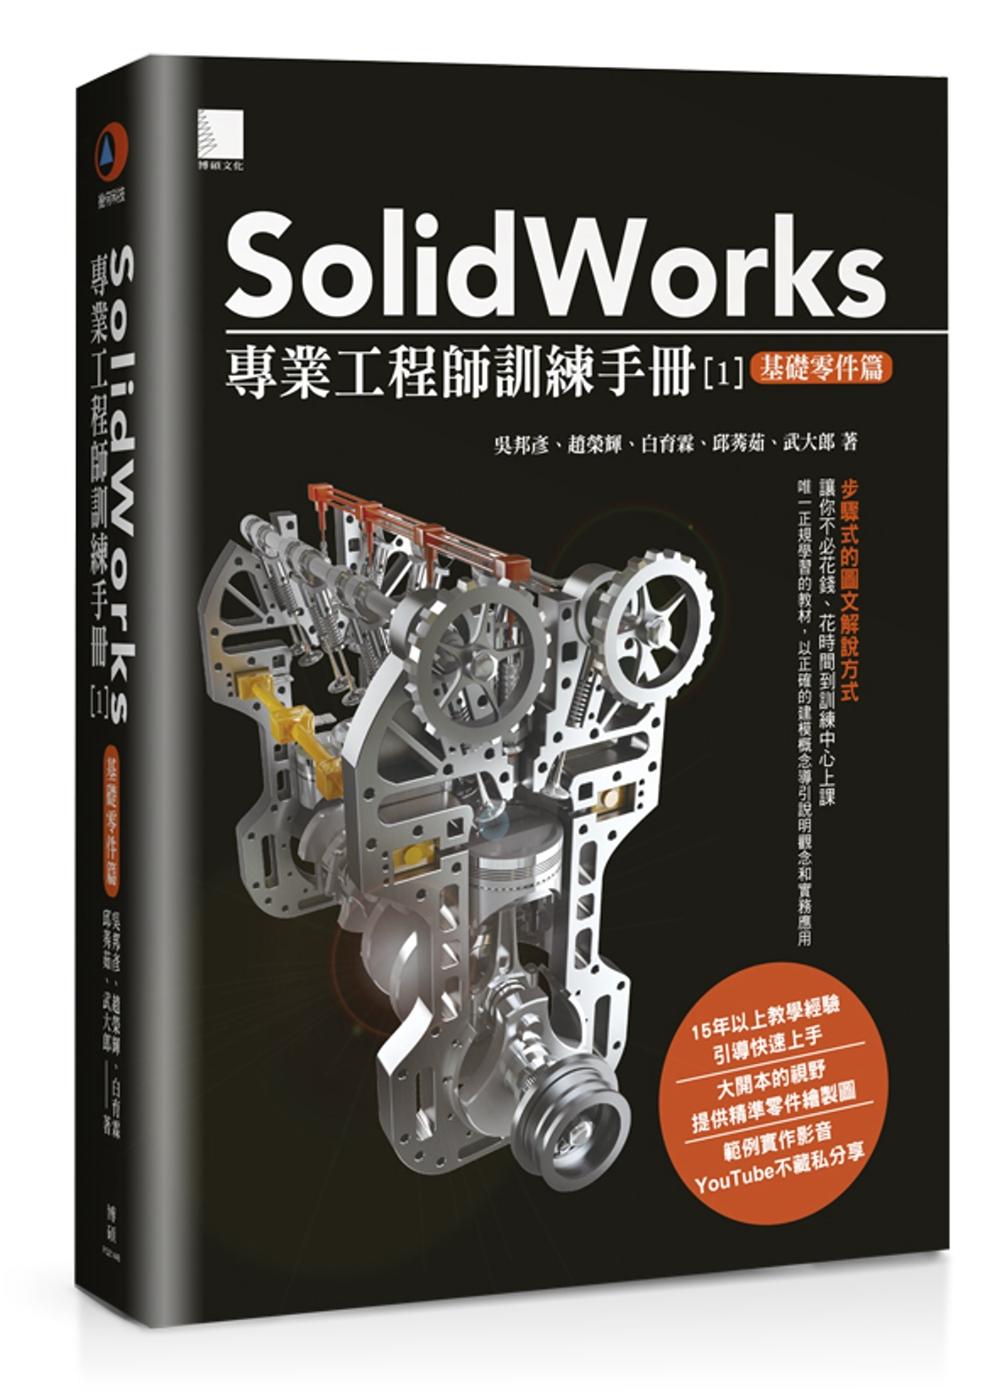 SolidWorks專業工程師訓練手冊[1]:基礎零件篇